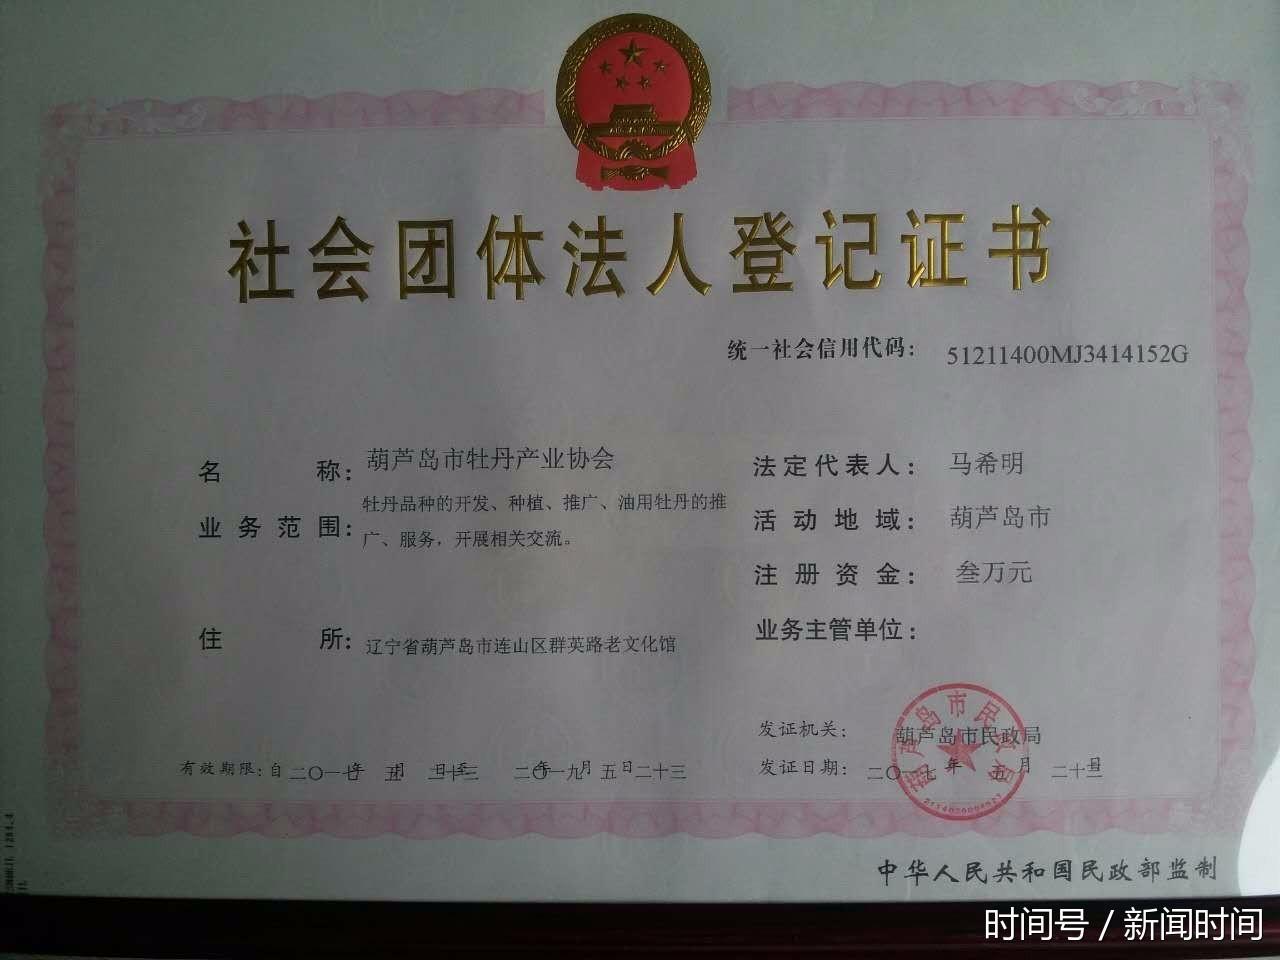 葫芦岛市牡丹产业协会于2015年7月经葫芦岛市民政局批准成立,负责牡丹